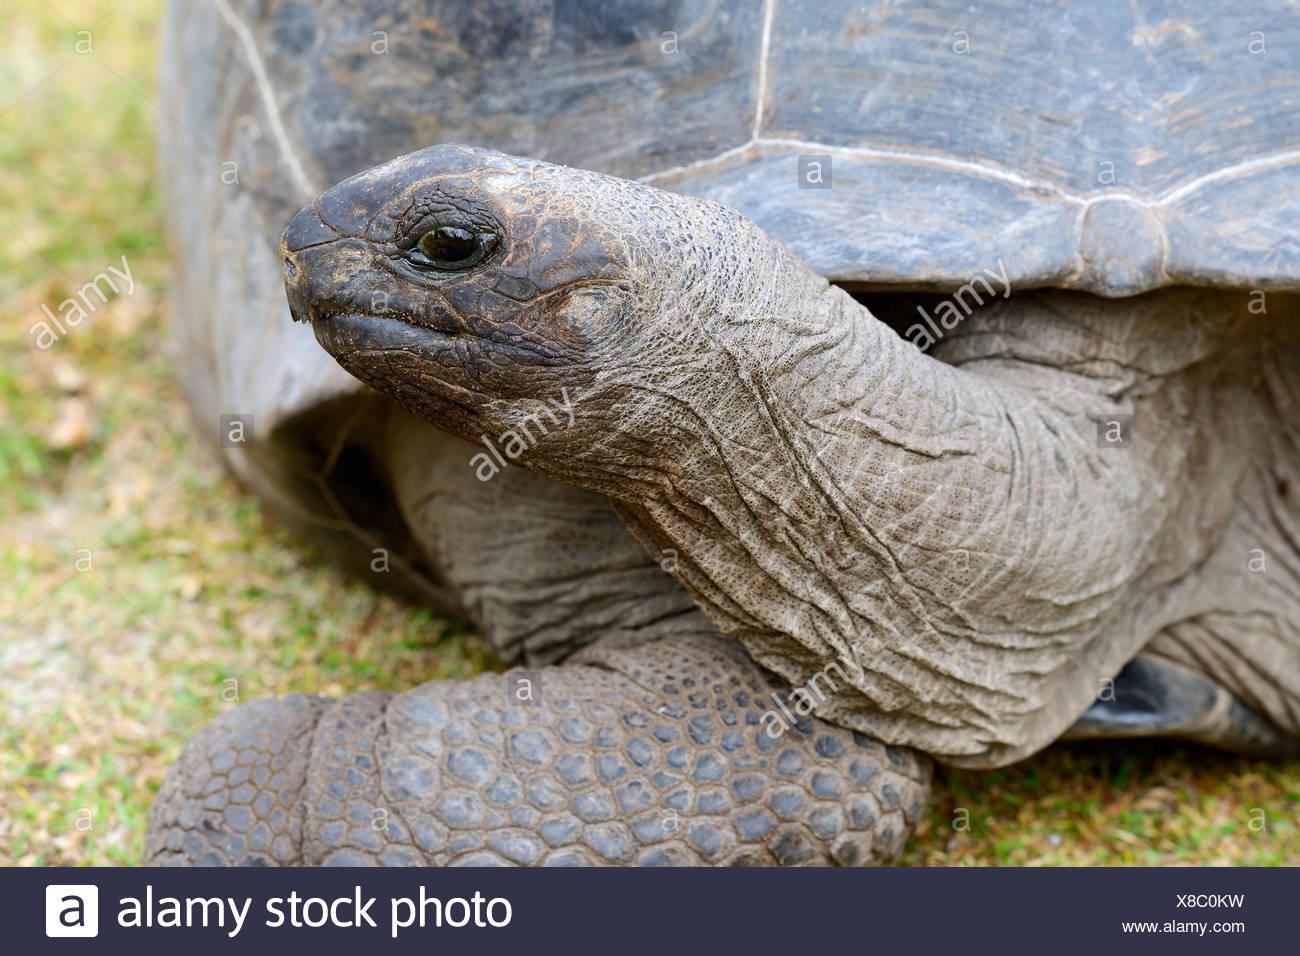 Aldabra-Riesenschildkroeten (Geochelone Gigantea), Endemisch, Insel Curieuse, Seychellen Stockbild